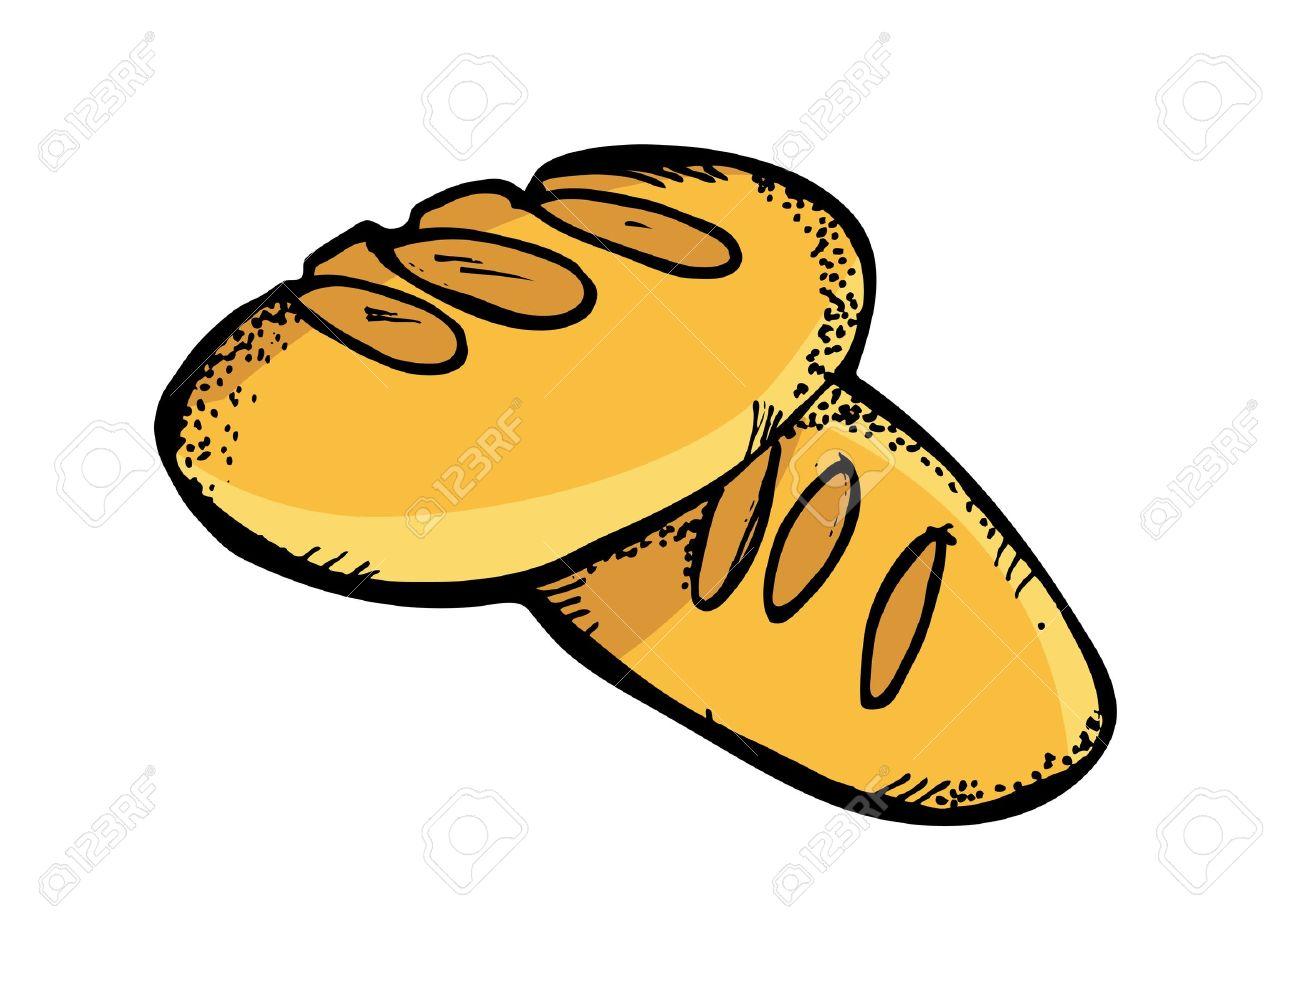 1300x993 Bread Clip Art